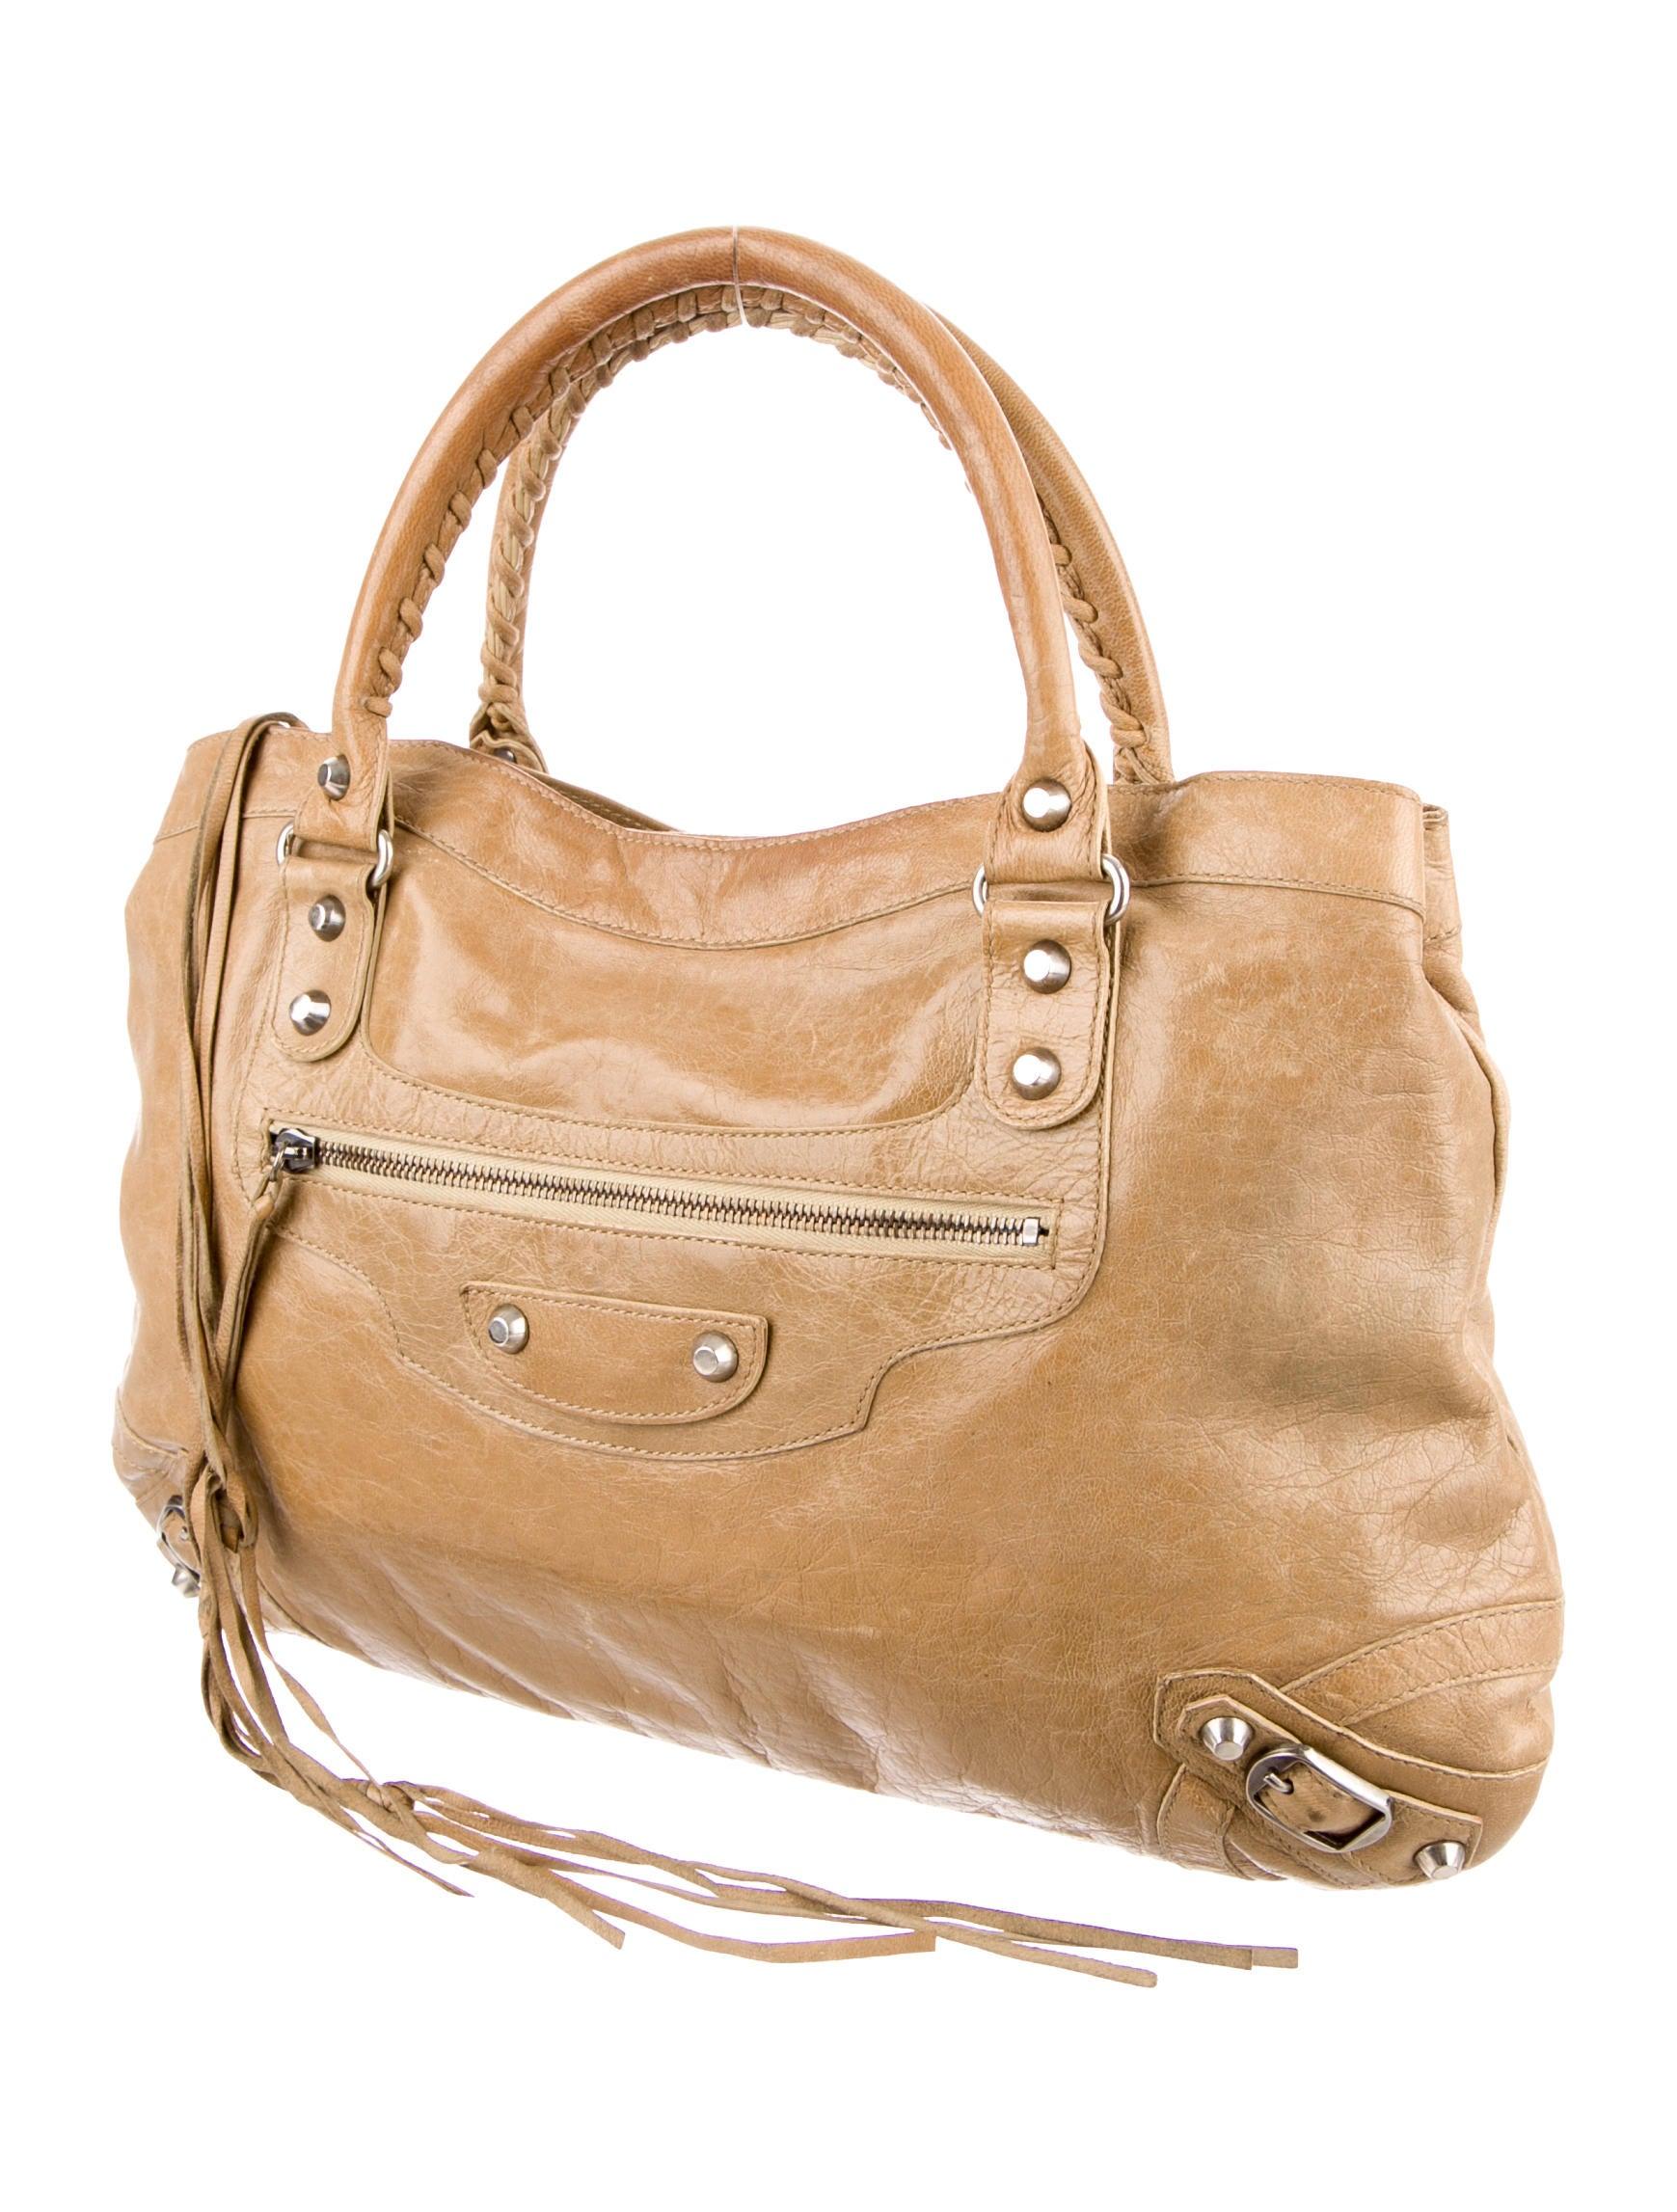 cad56883230e Balenciaga Bags Online Usa